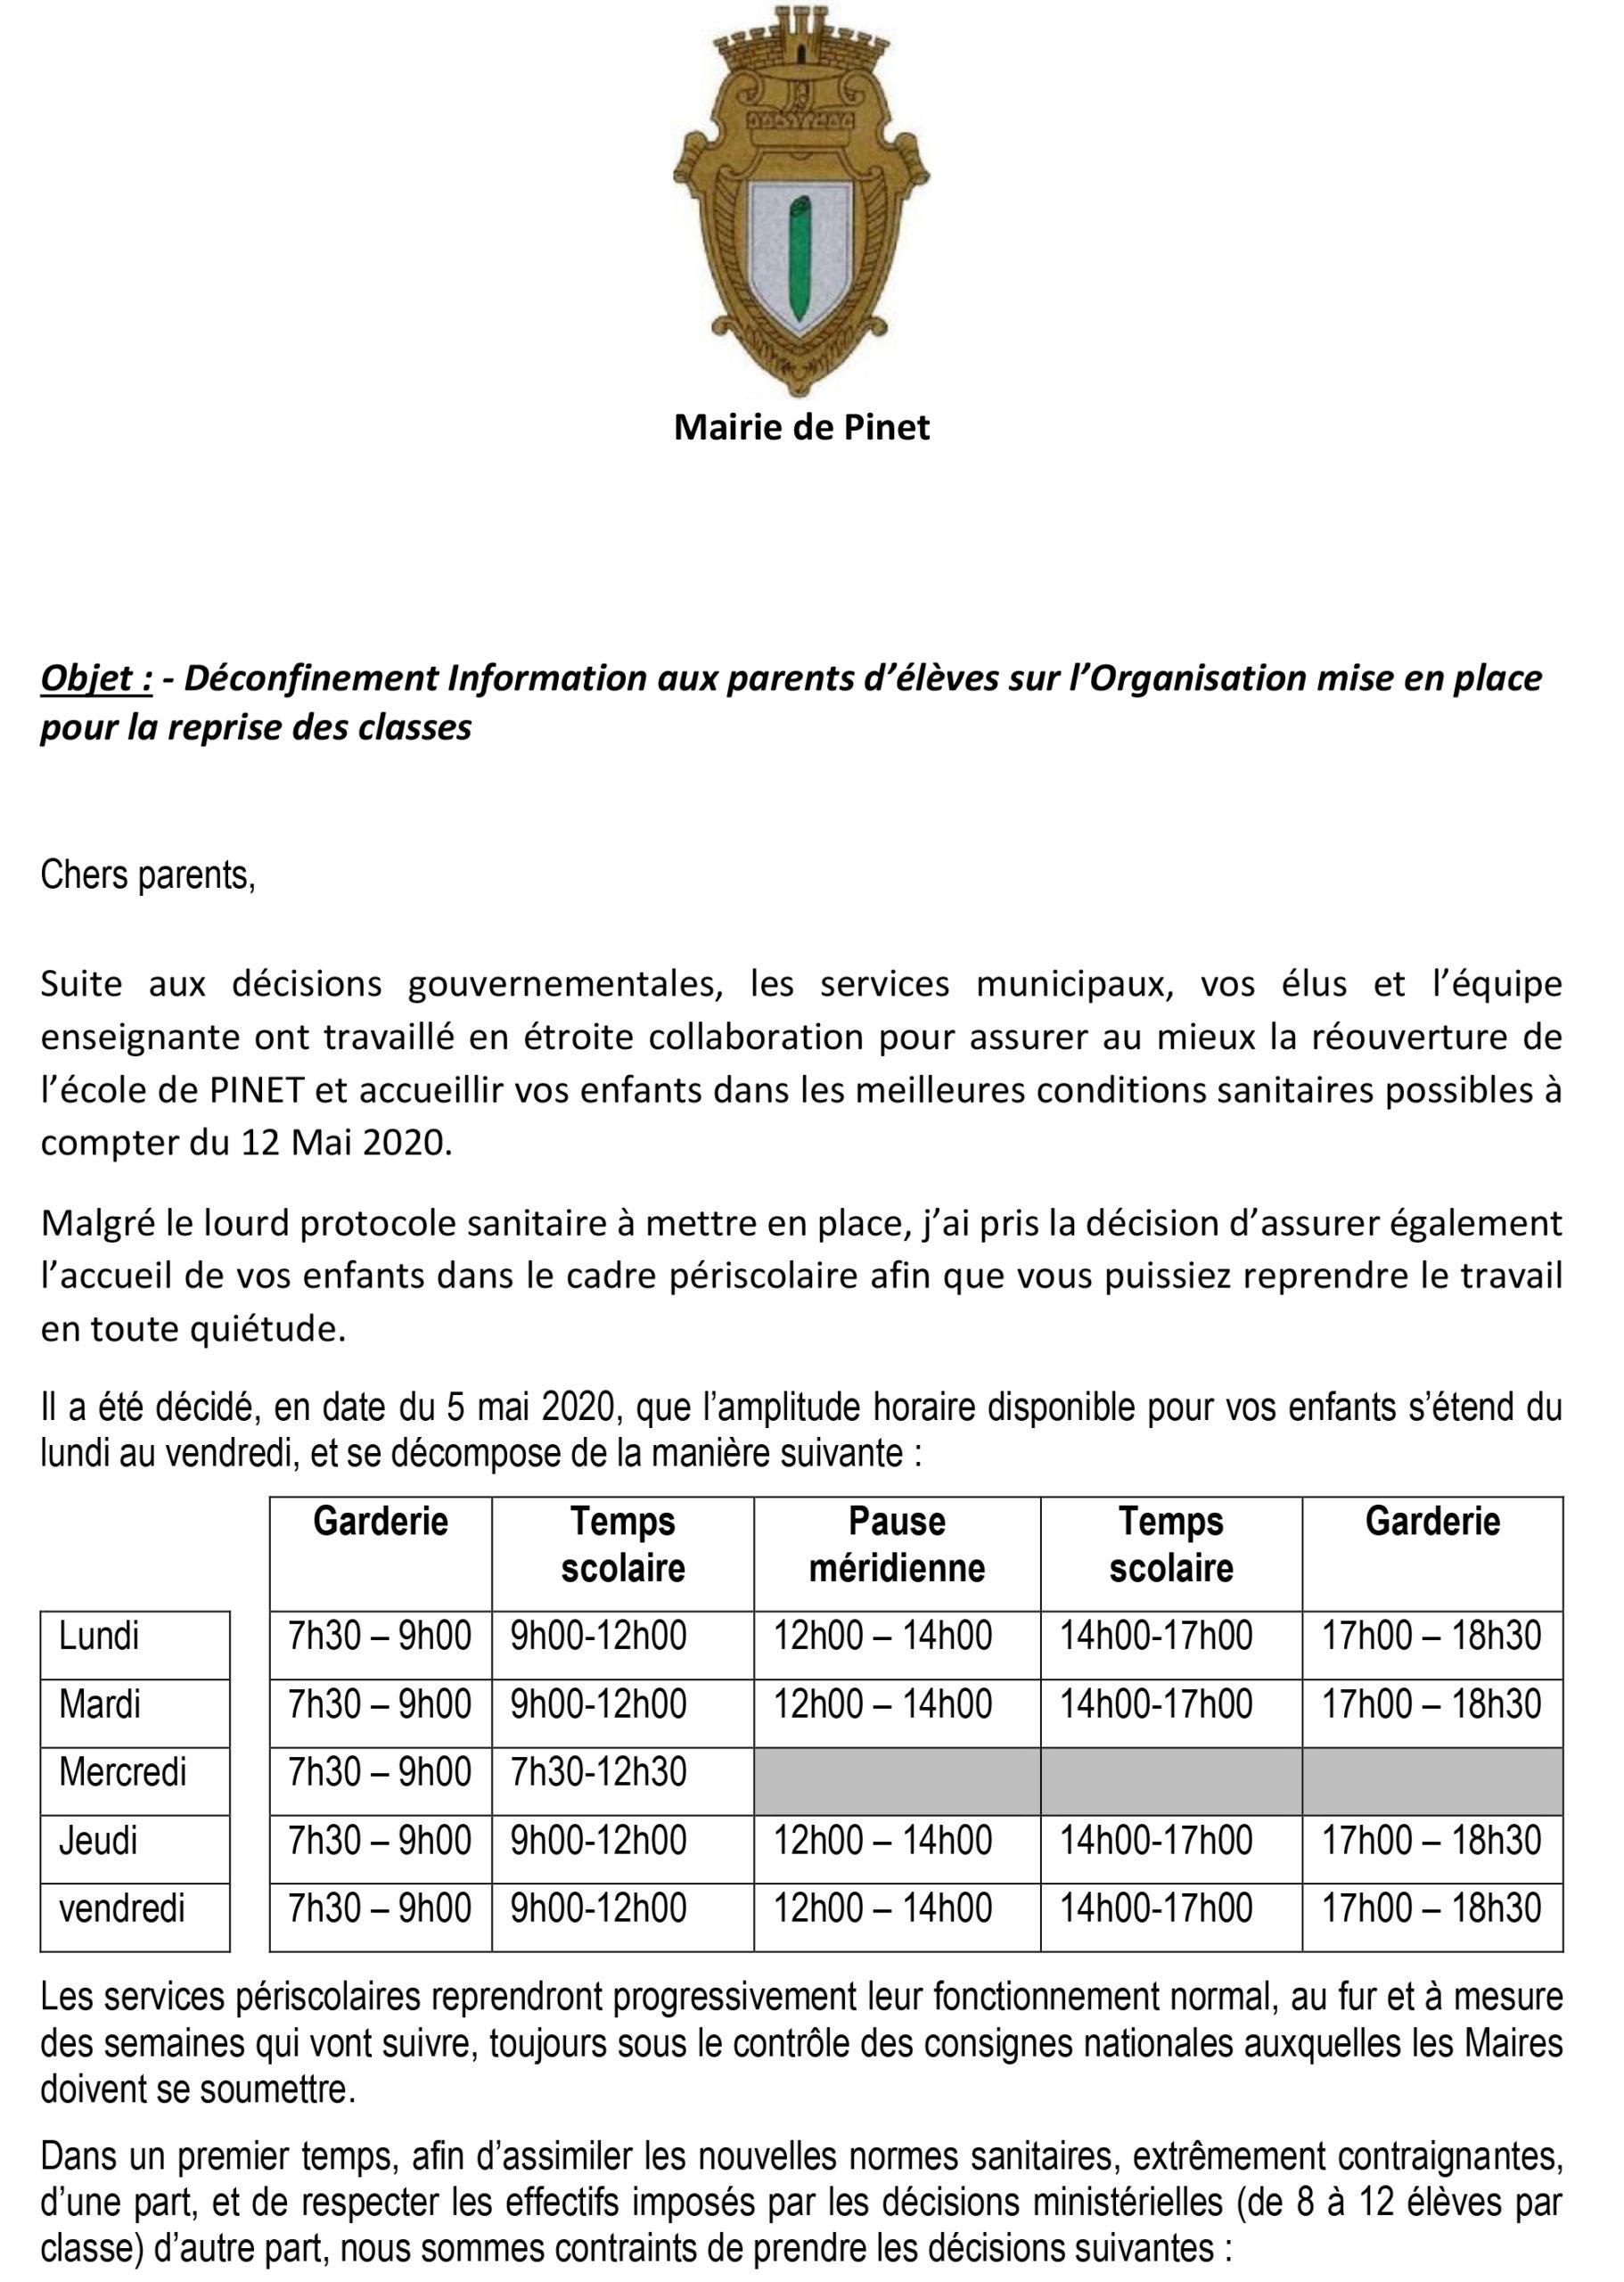 Déconfinement Information aux parents d'élèves sur l'Organisation mise en place pour la reprise des classes